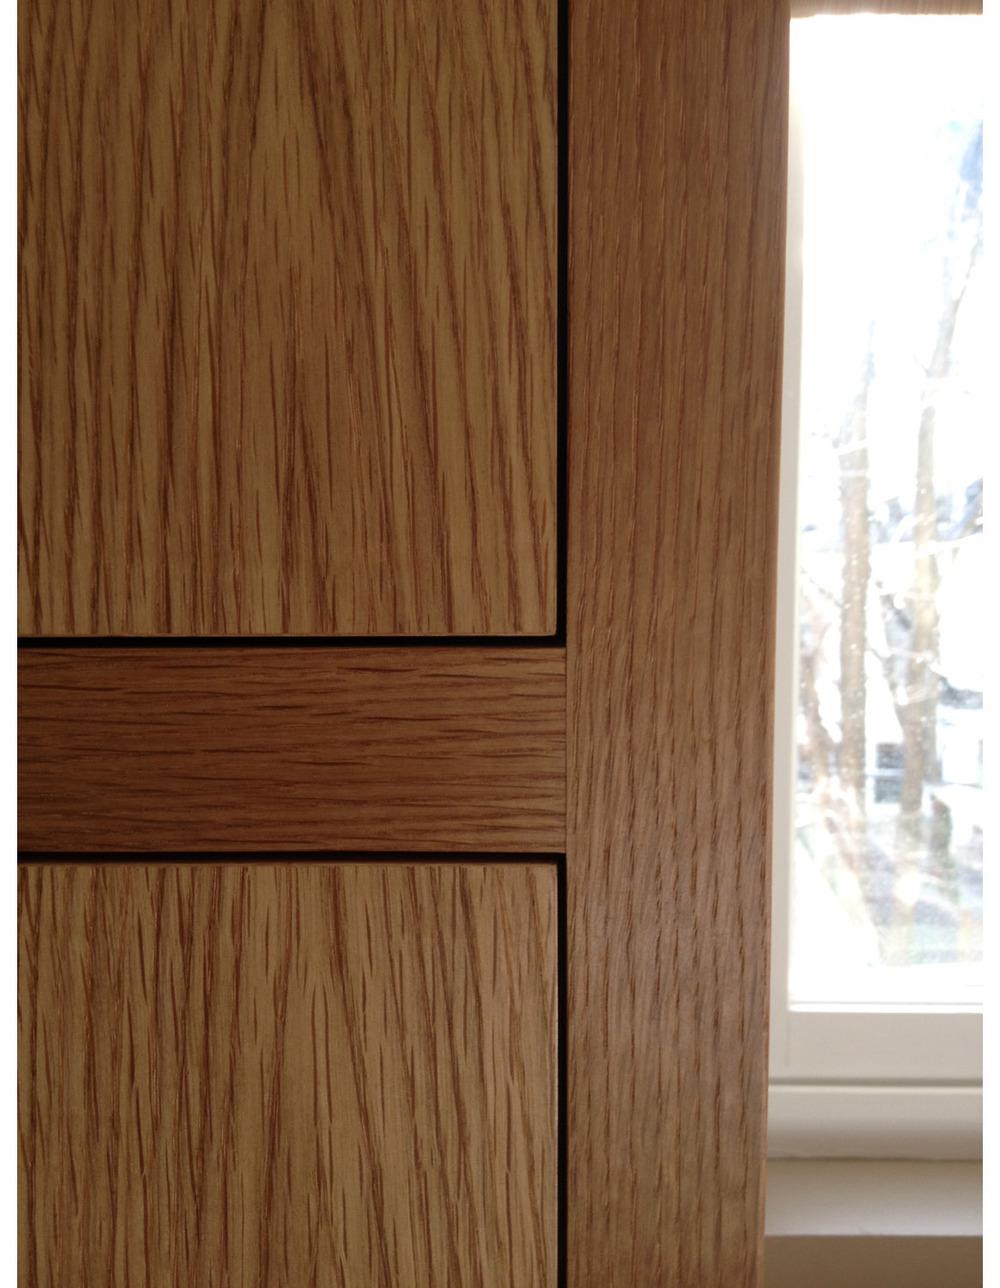 rift-oak-details.jpg